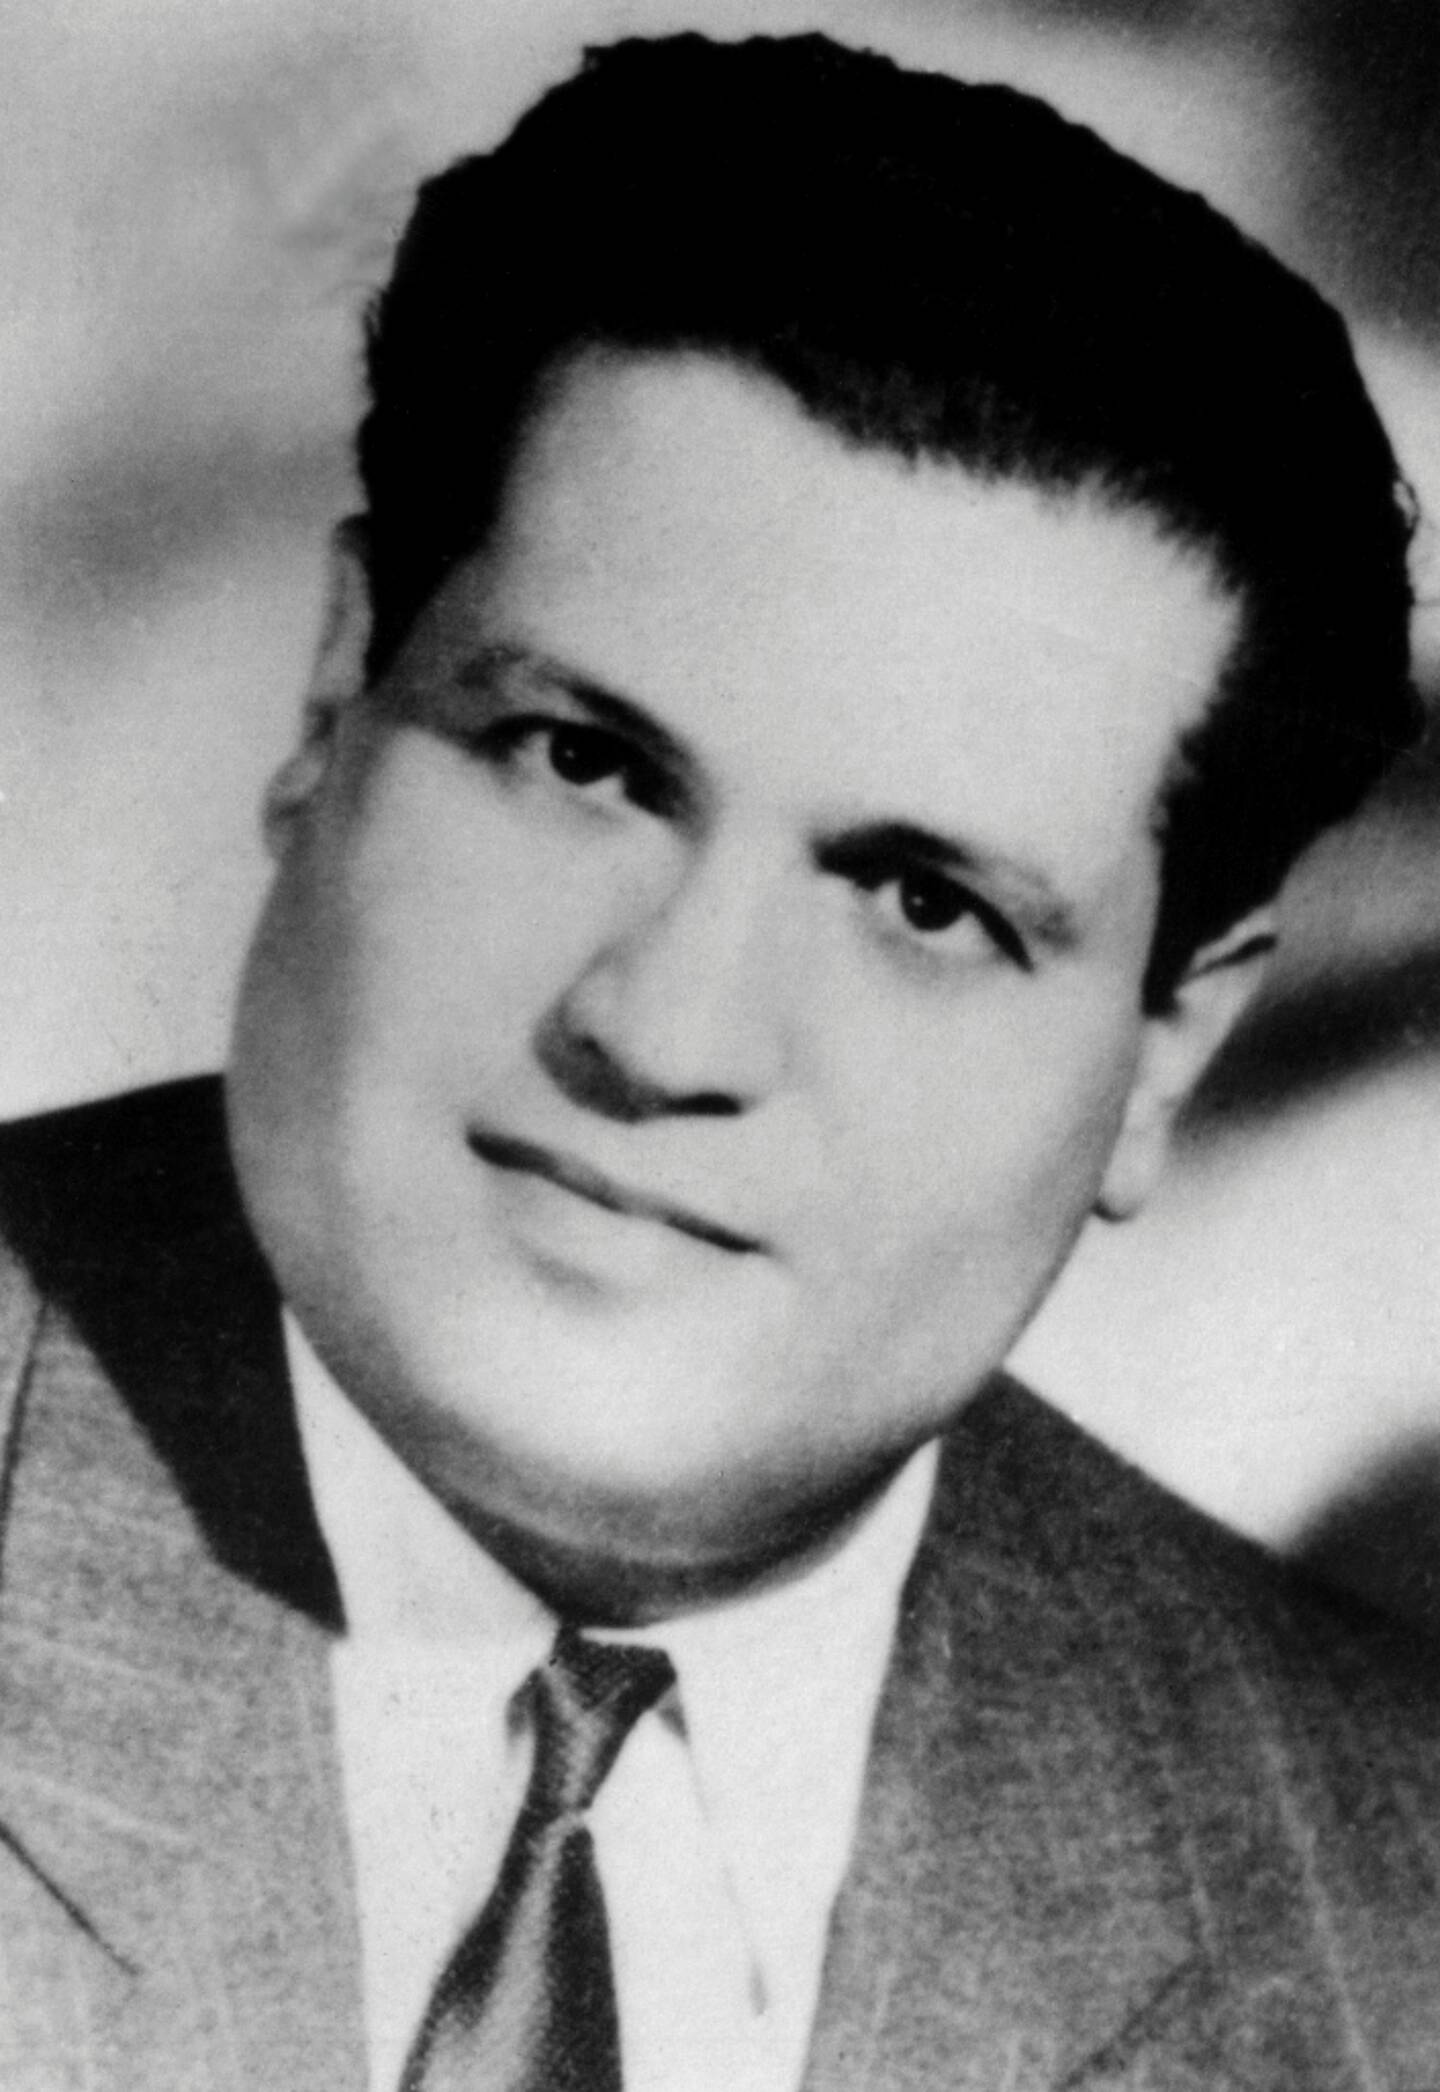 Photo non datée de l'avocat algérien Ali Boumendjel, alors âgé de 32 ans, assassiné en mars 1957 alors qu'il avait été arrêté quarante-trois jours plus tôt par l'armée française